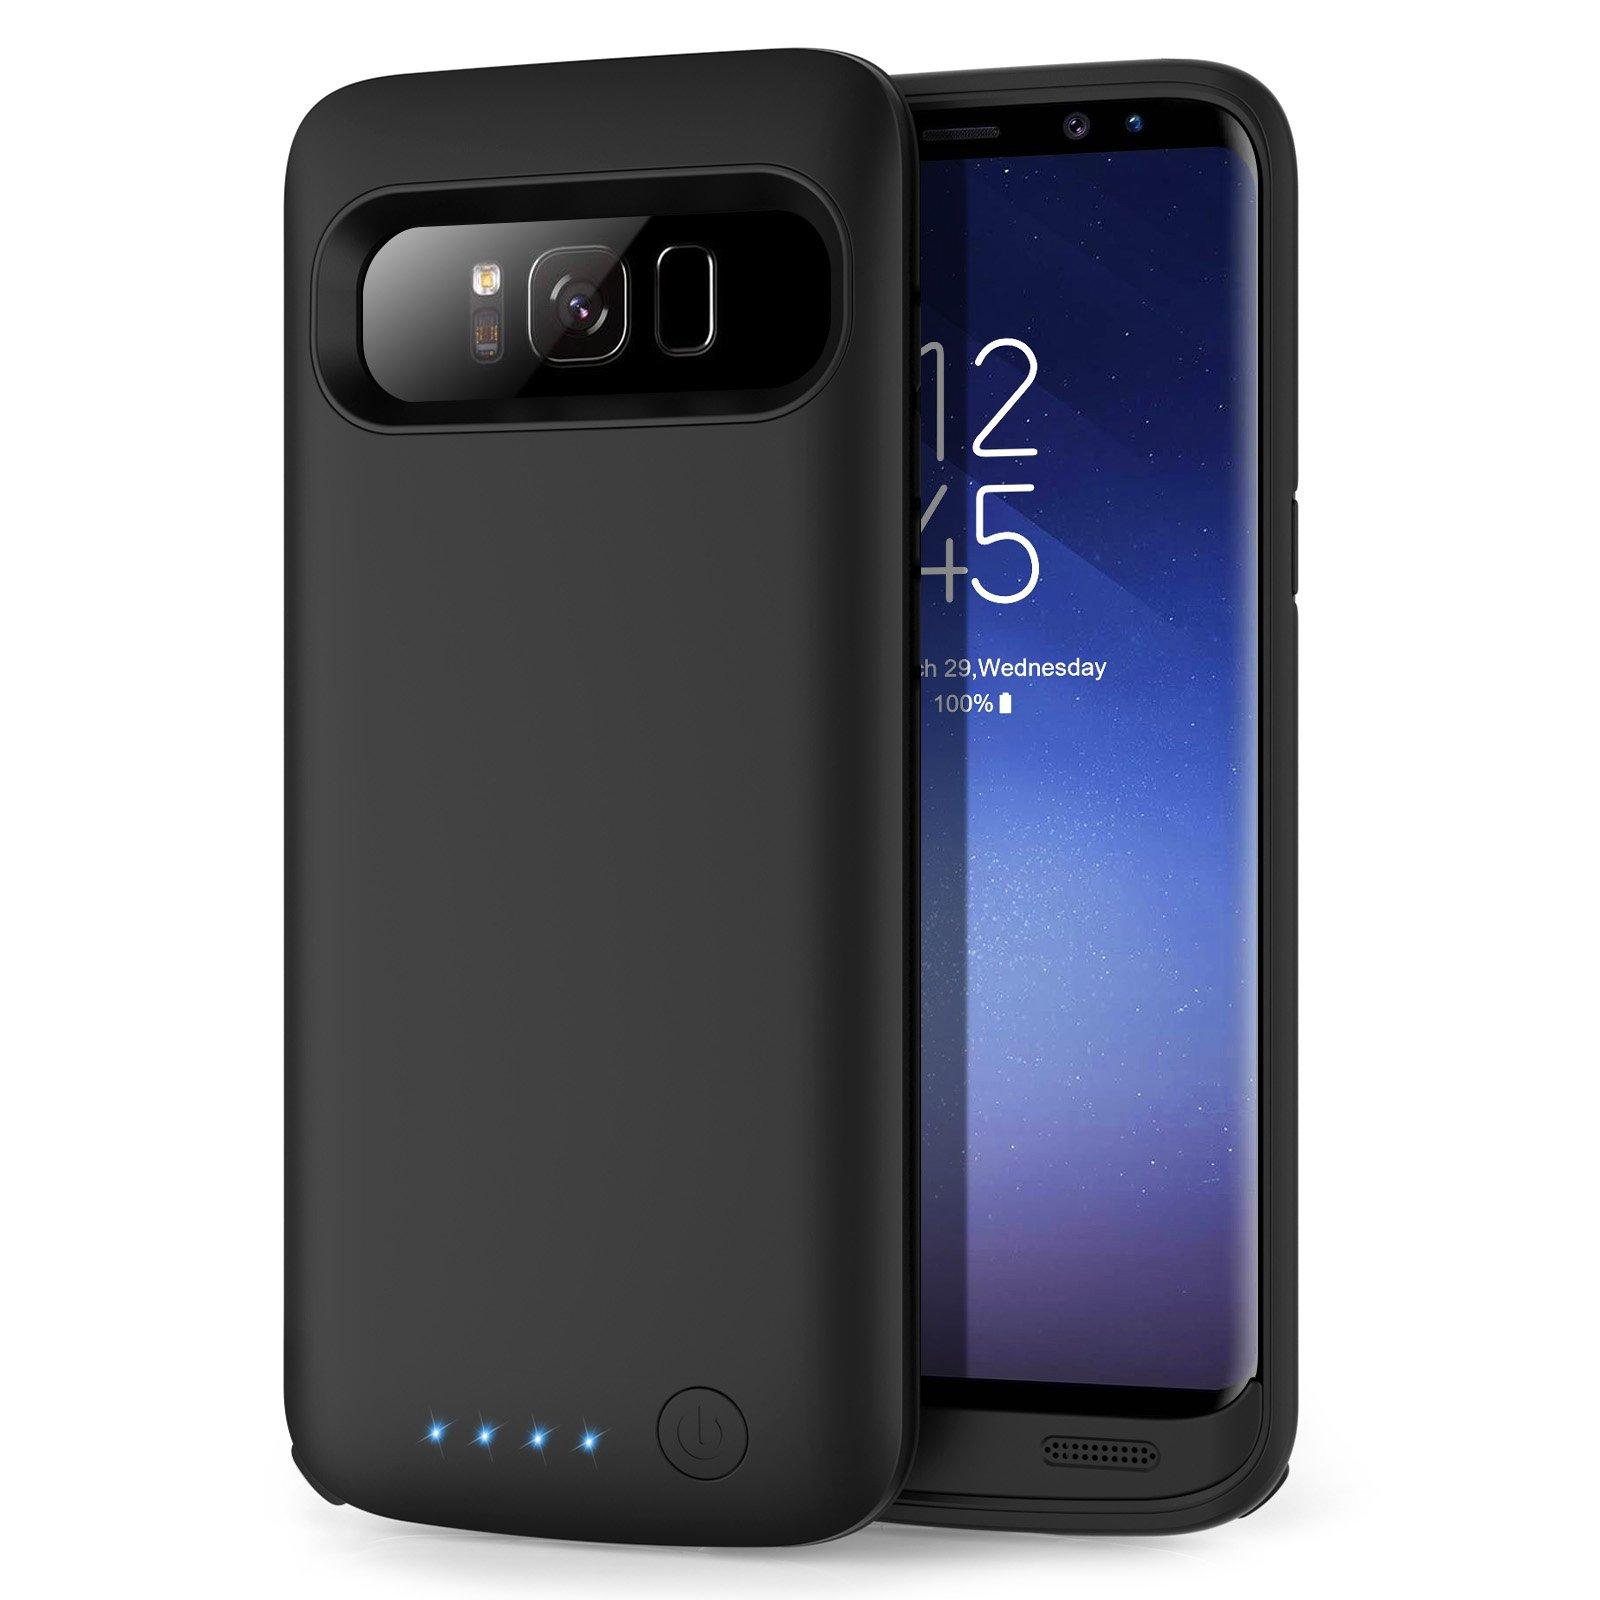 Funda Con Bateria de 6000mah para Samsung Galaxy S8 HETP [7FB25R58]